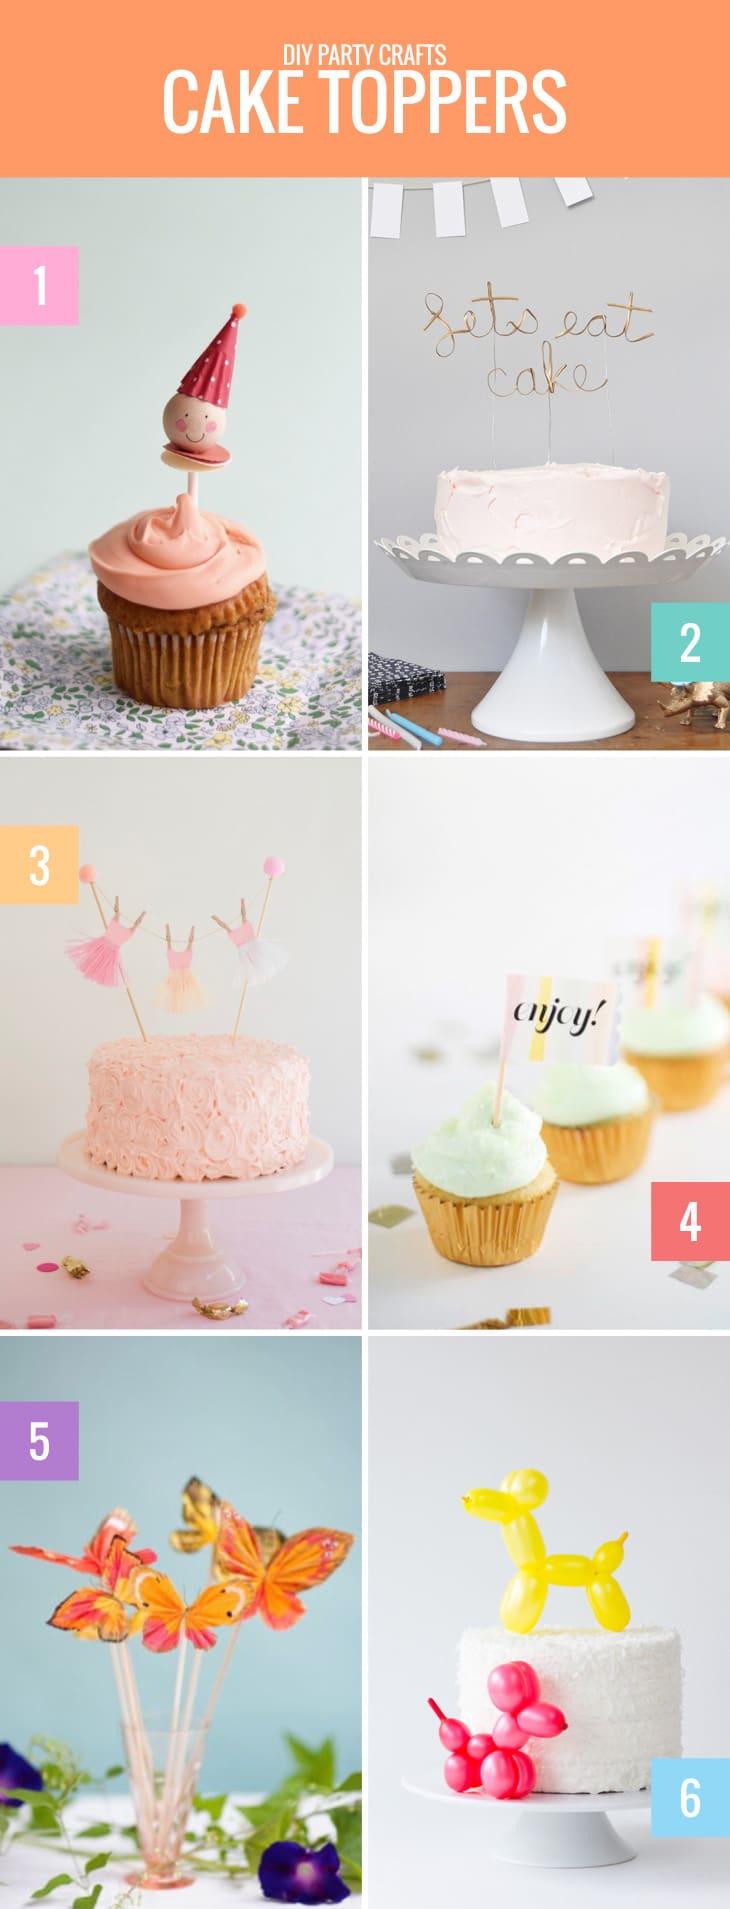 DIY Party Ideas